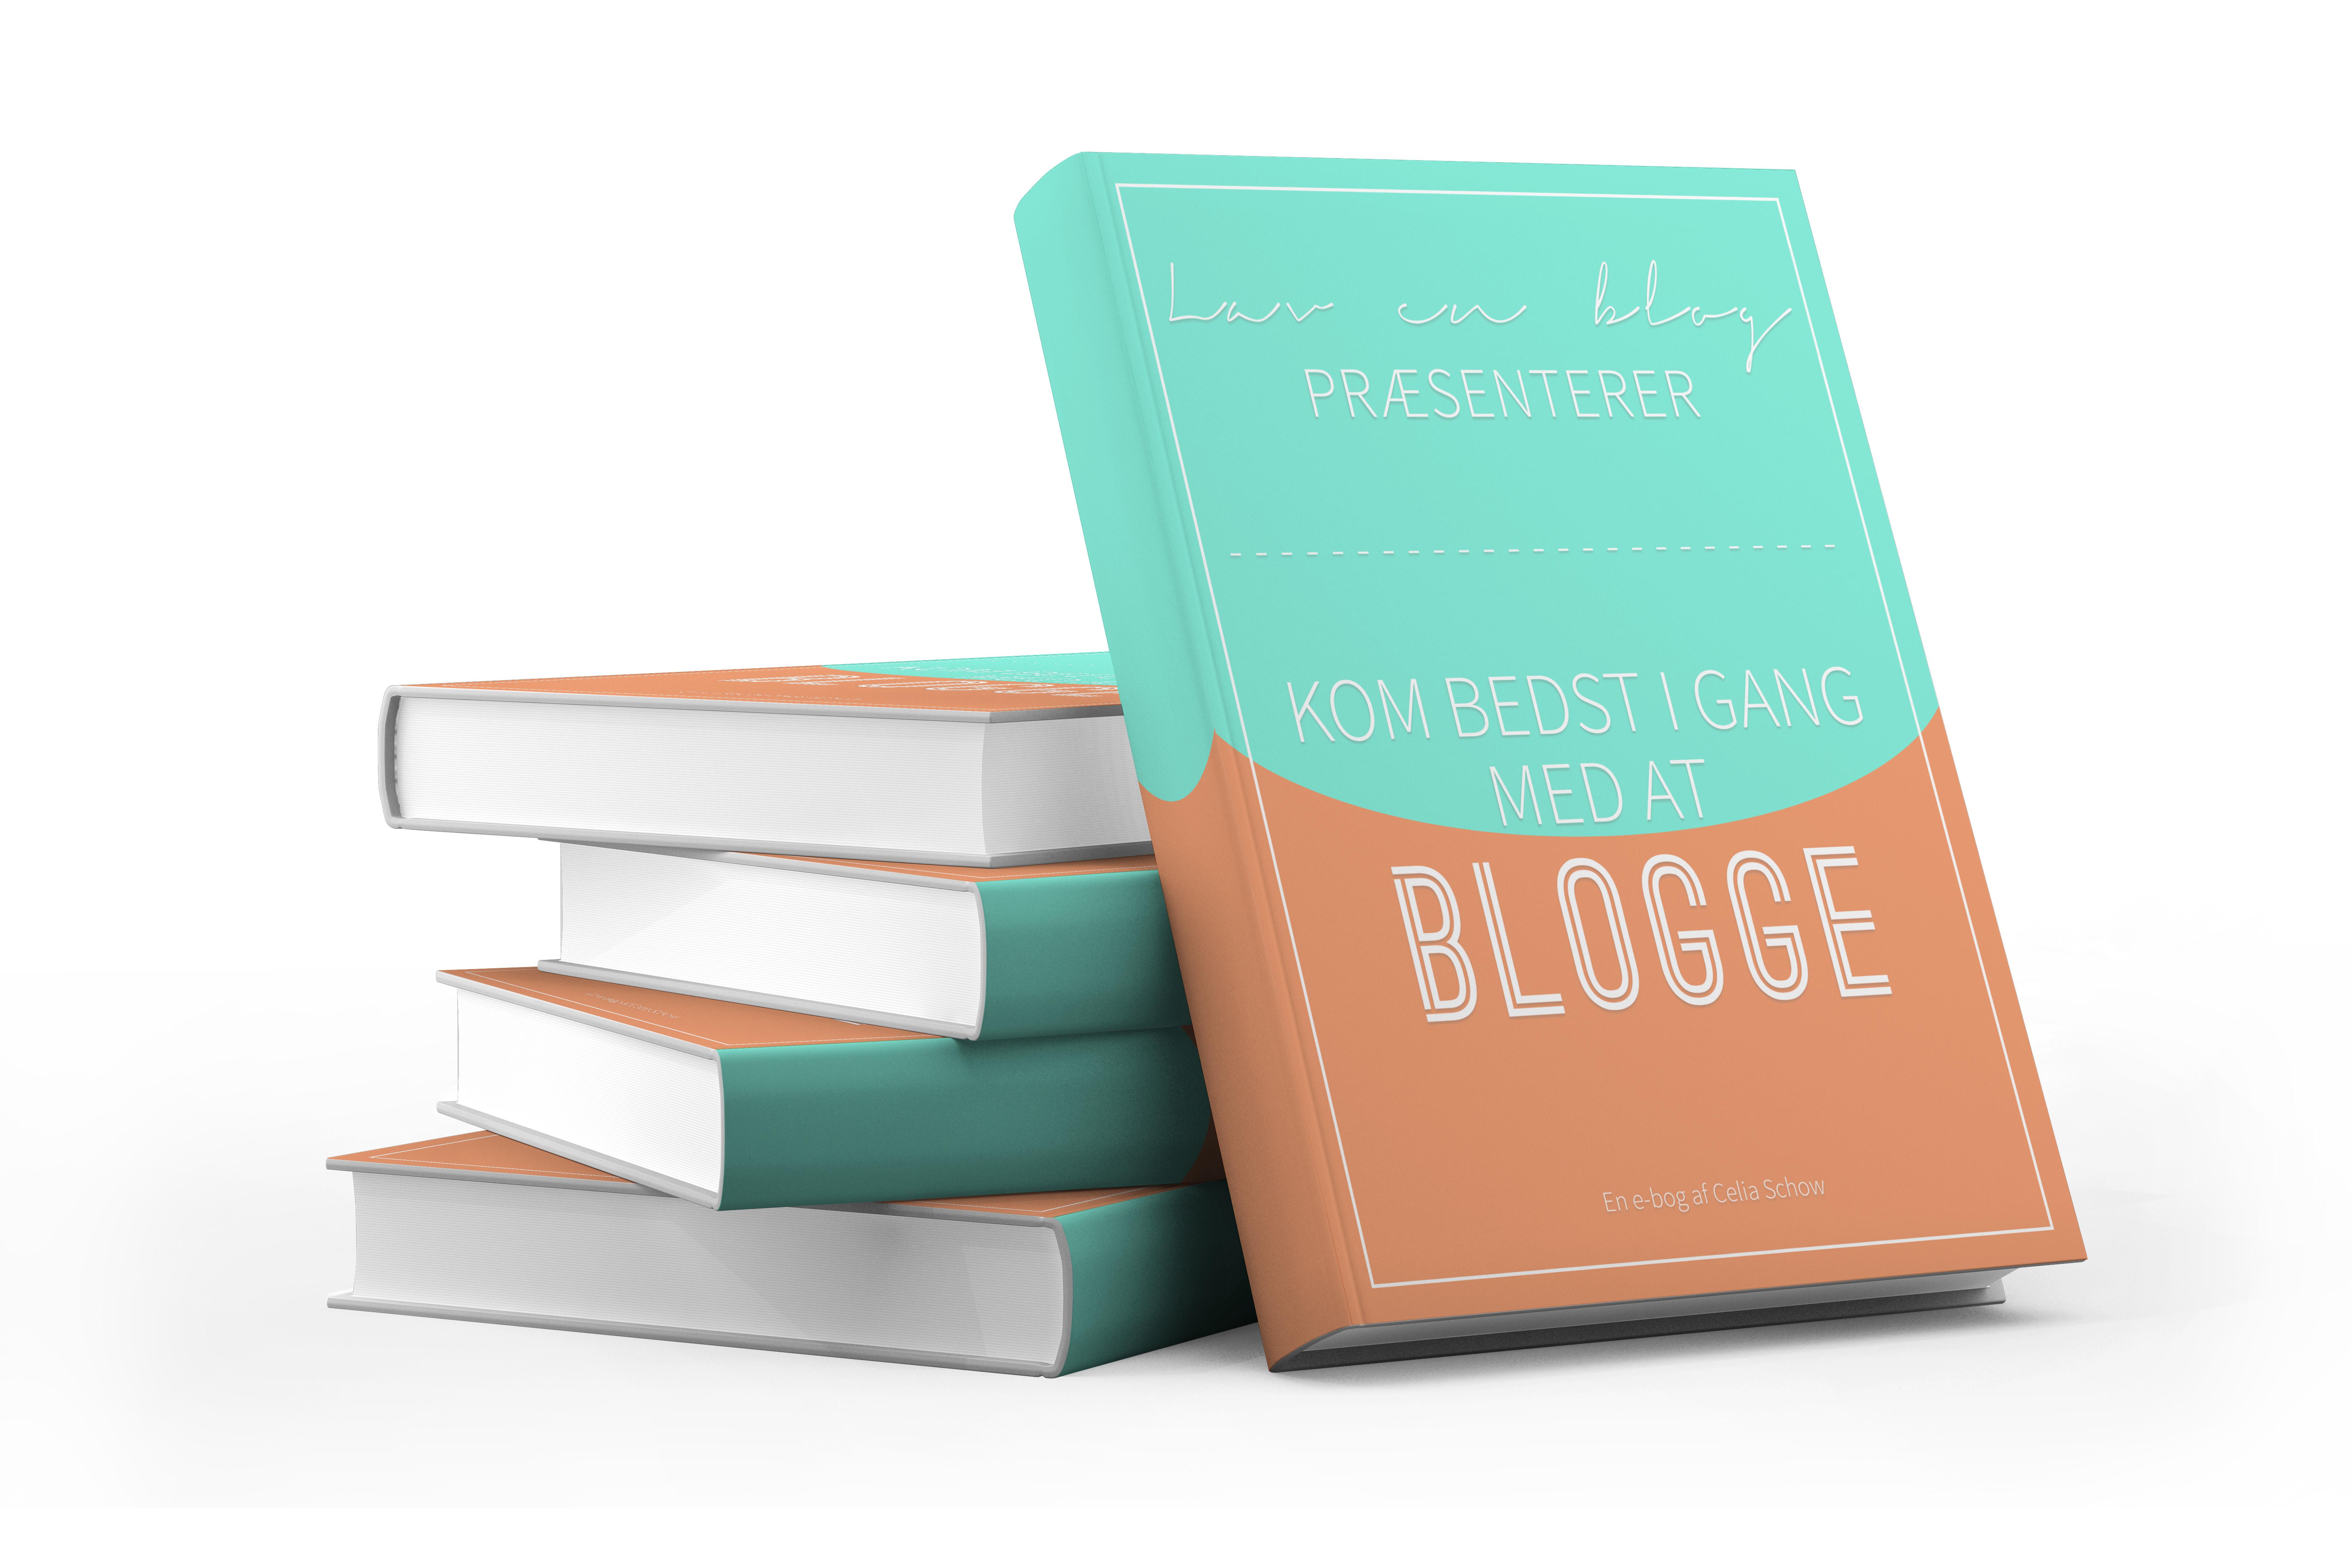 Kom bedst i gang med at blogge - gratis e-bog